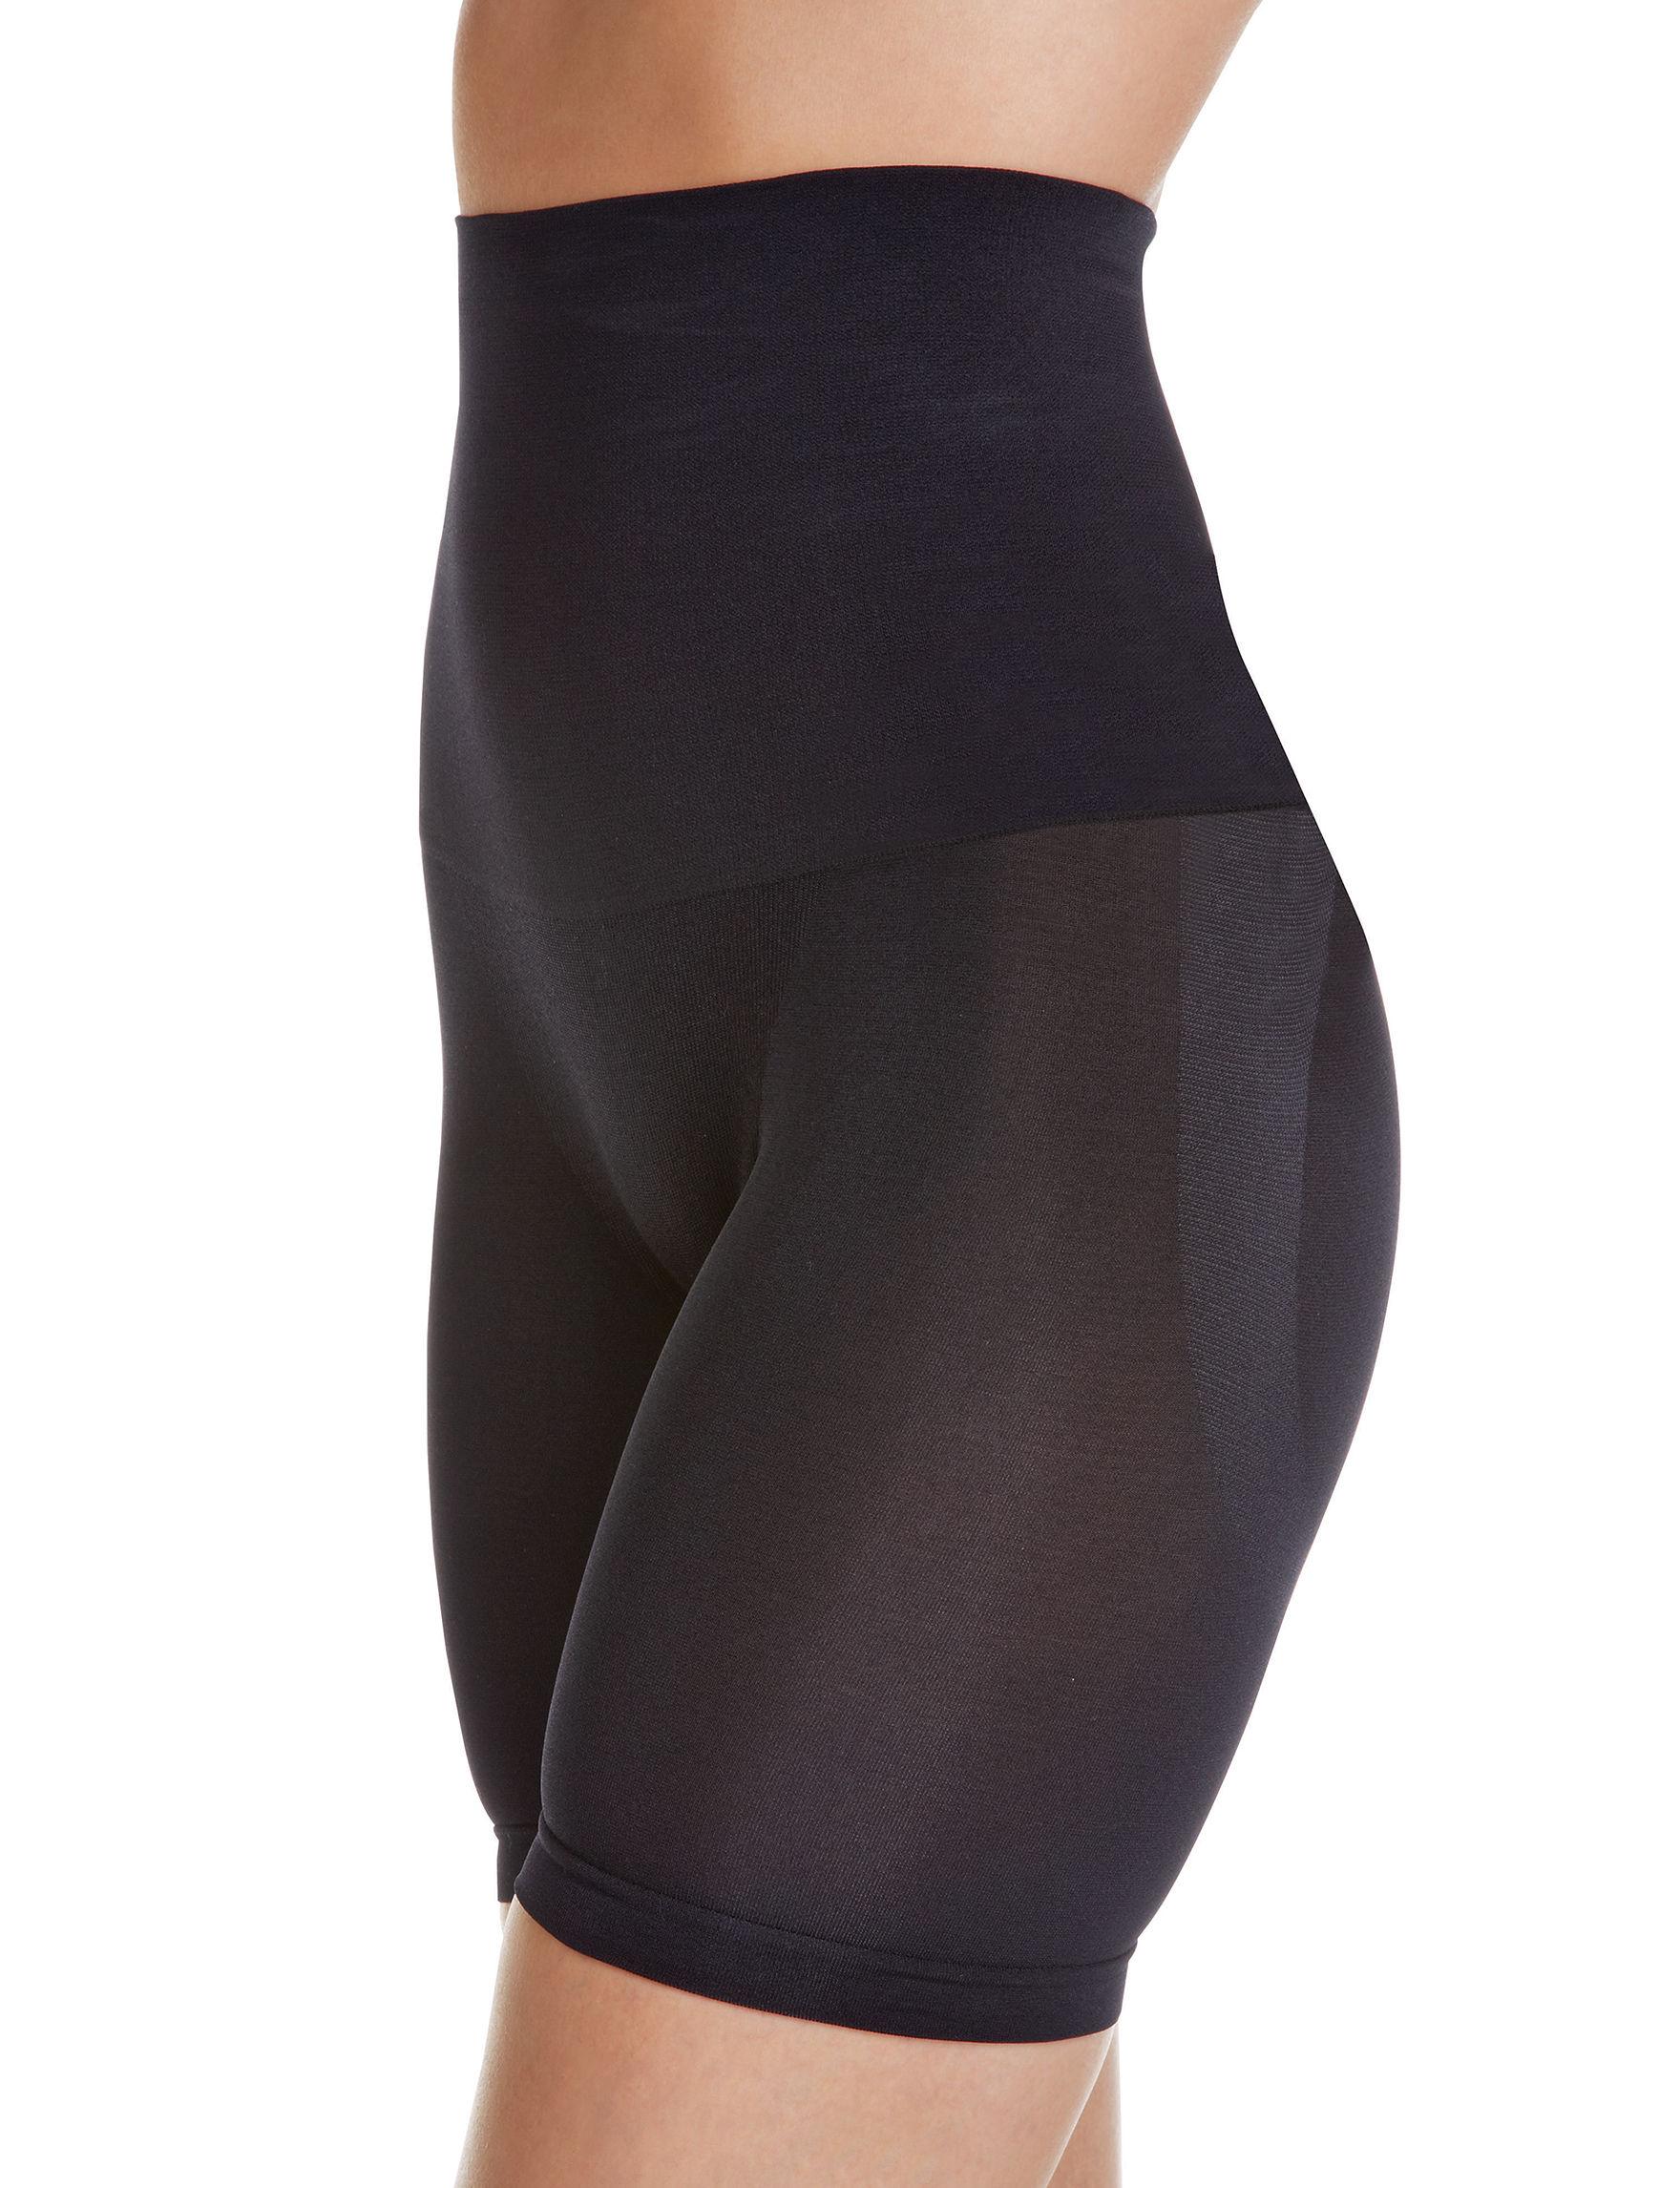 Lunaire Black Slips & Shapewear